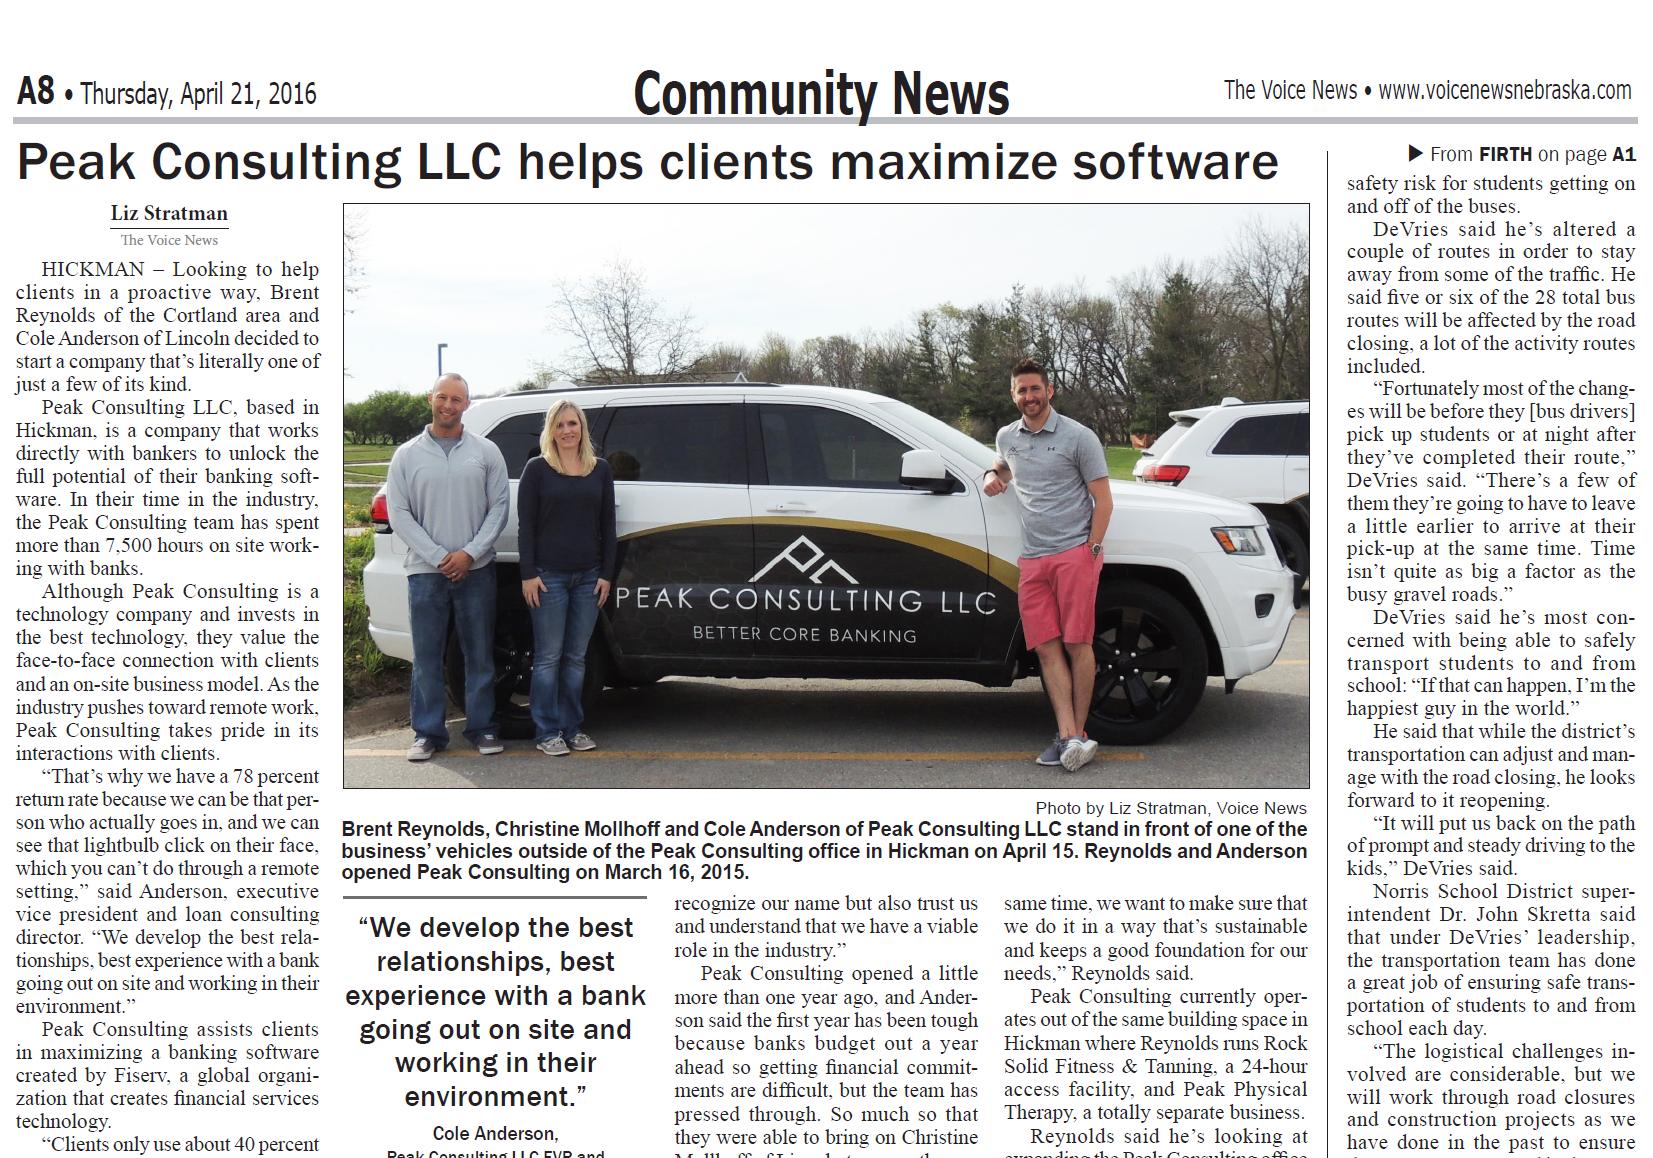 The Voice News Peak Consulting LLC